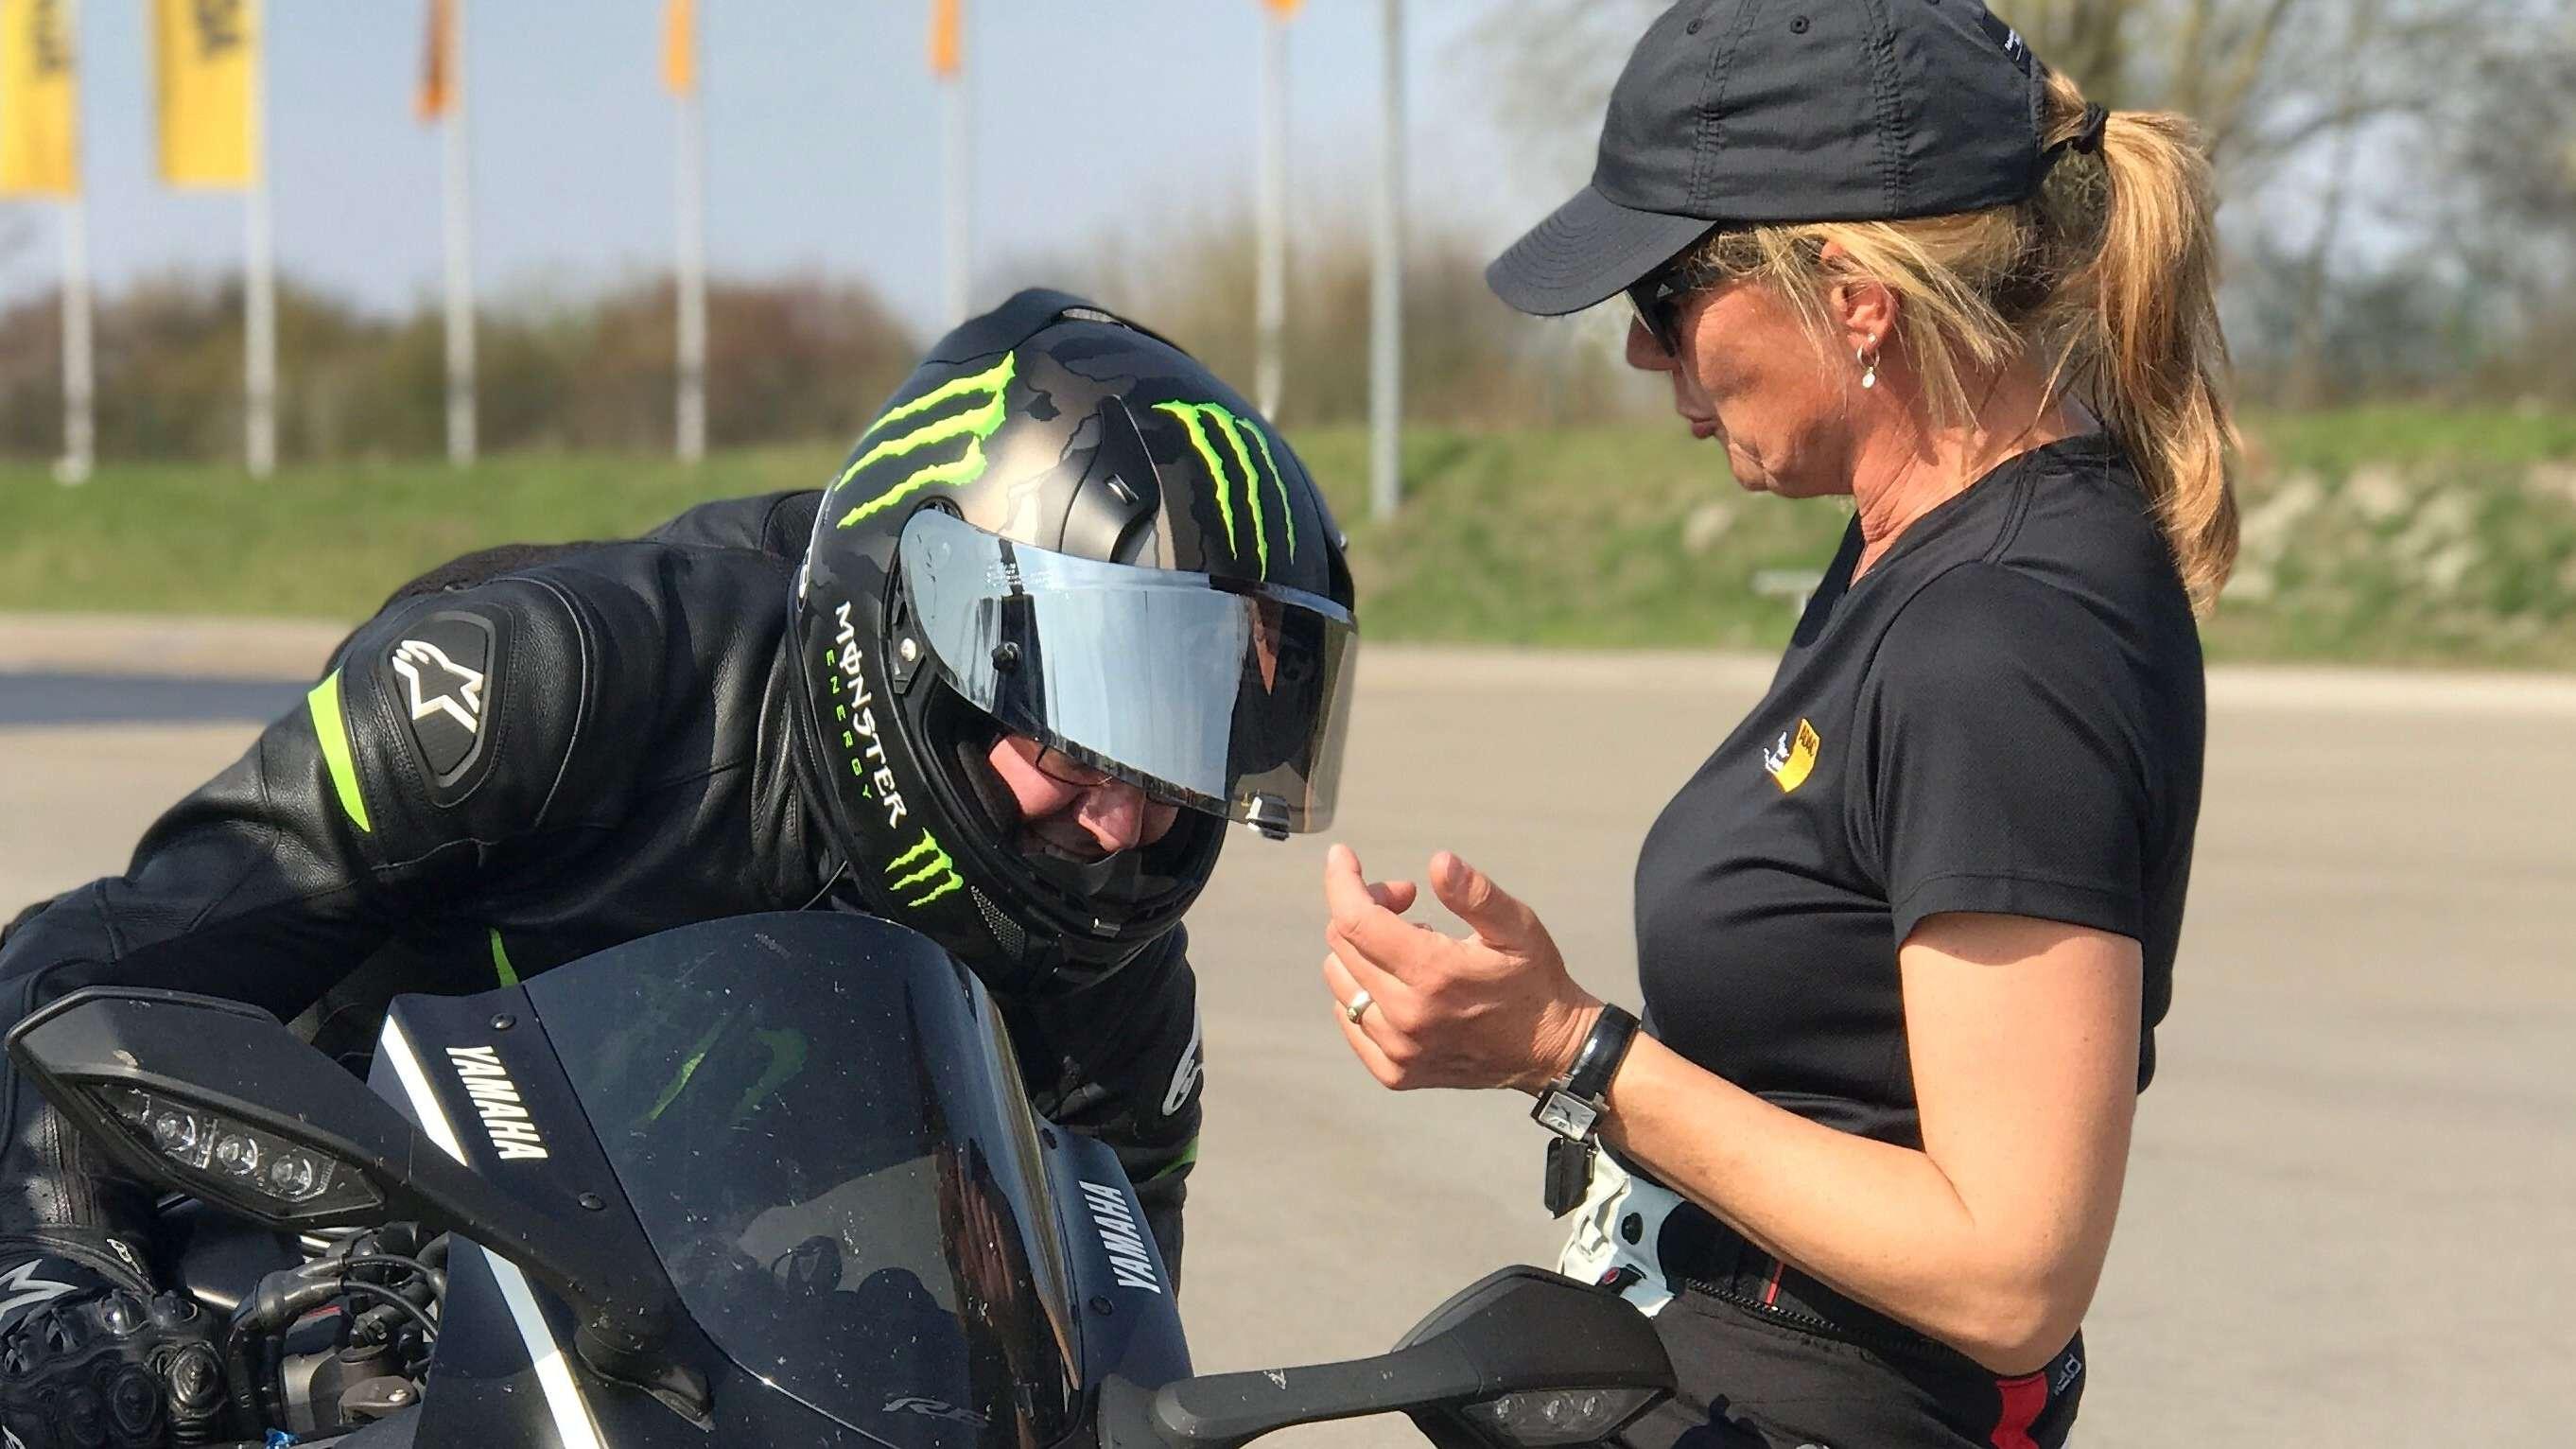 Trainerin und Teilnehmer beim Sicherheitstraining bei Augsburg